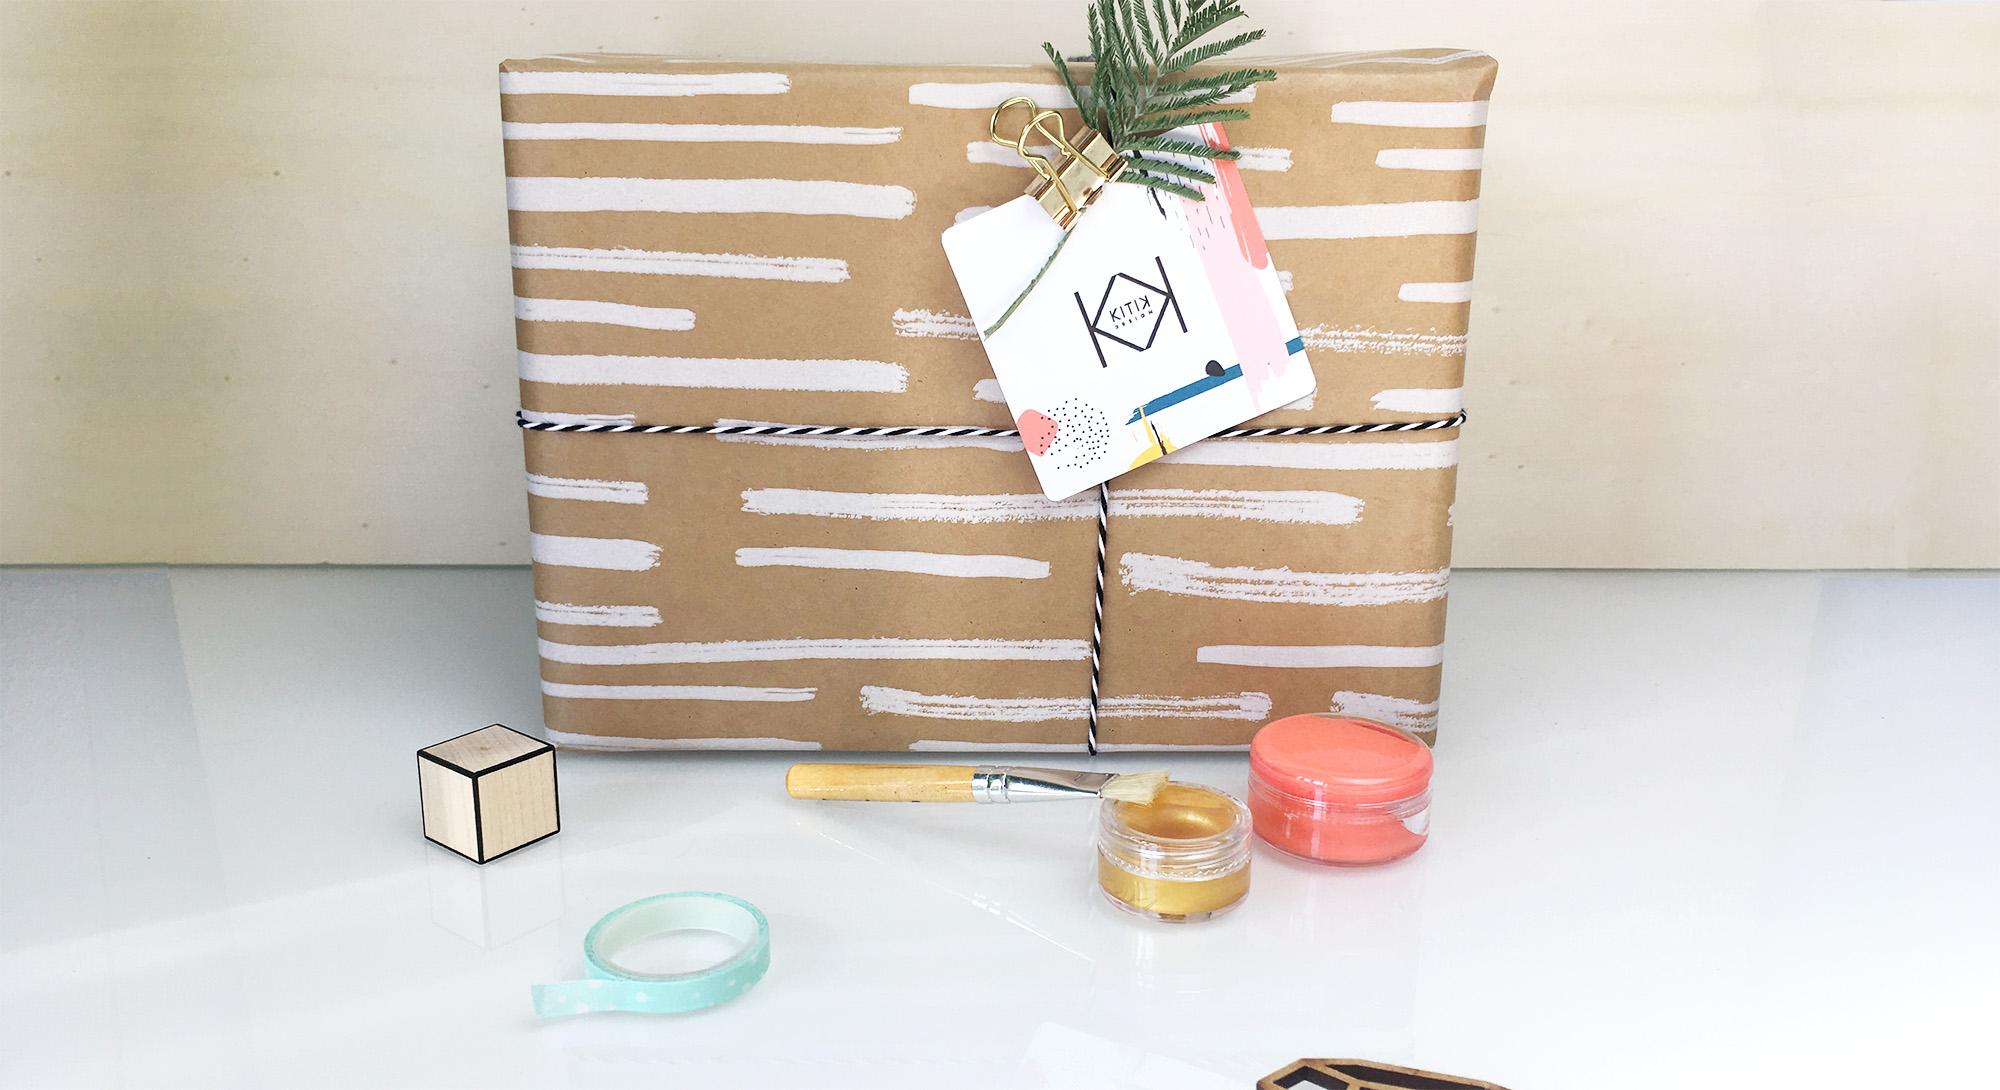 kit loisir créatif à offrir, cadeau à faire soi-même, cadeau créatif, idée créative,